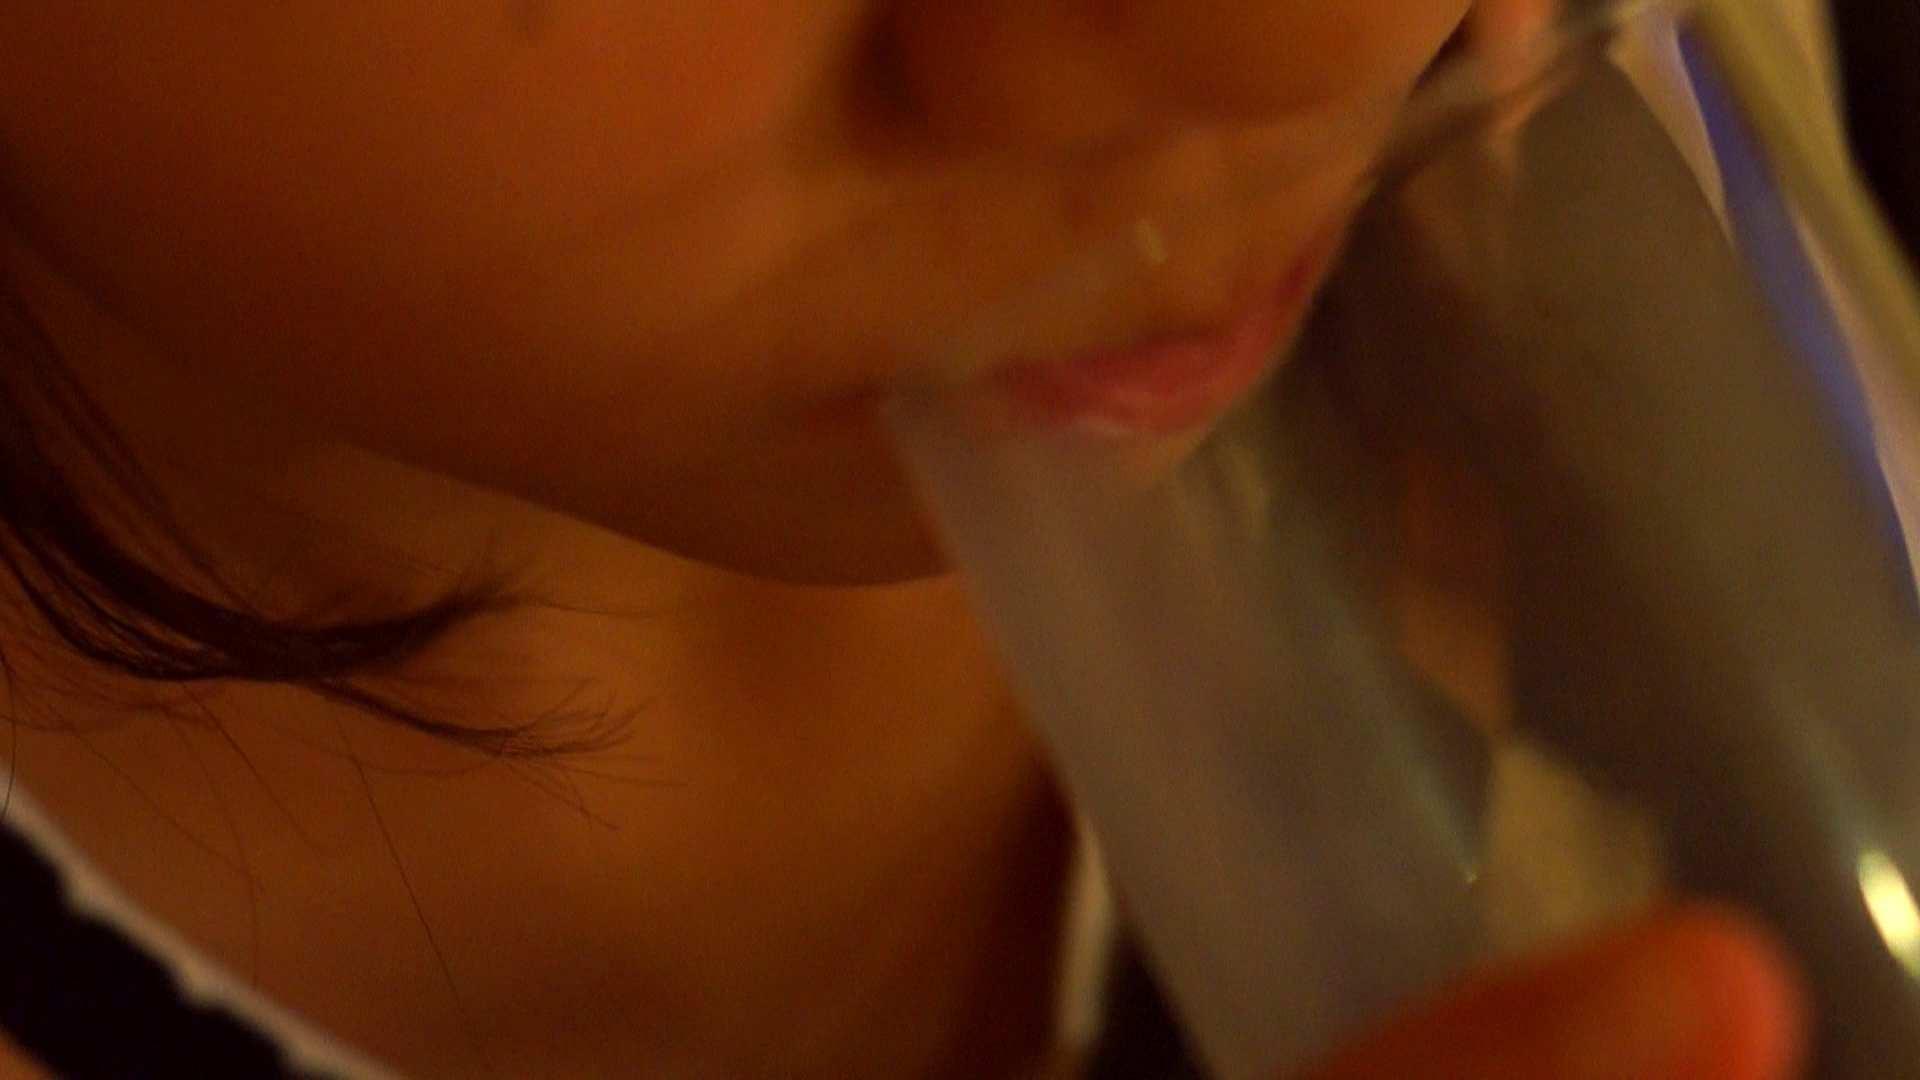 vol.12 瑞希ちゃんにコップを舐めてもらいました。 OLのエッチ  101pic 92